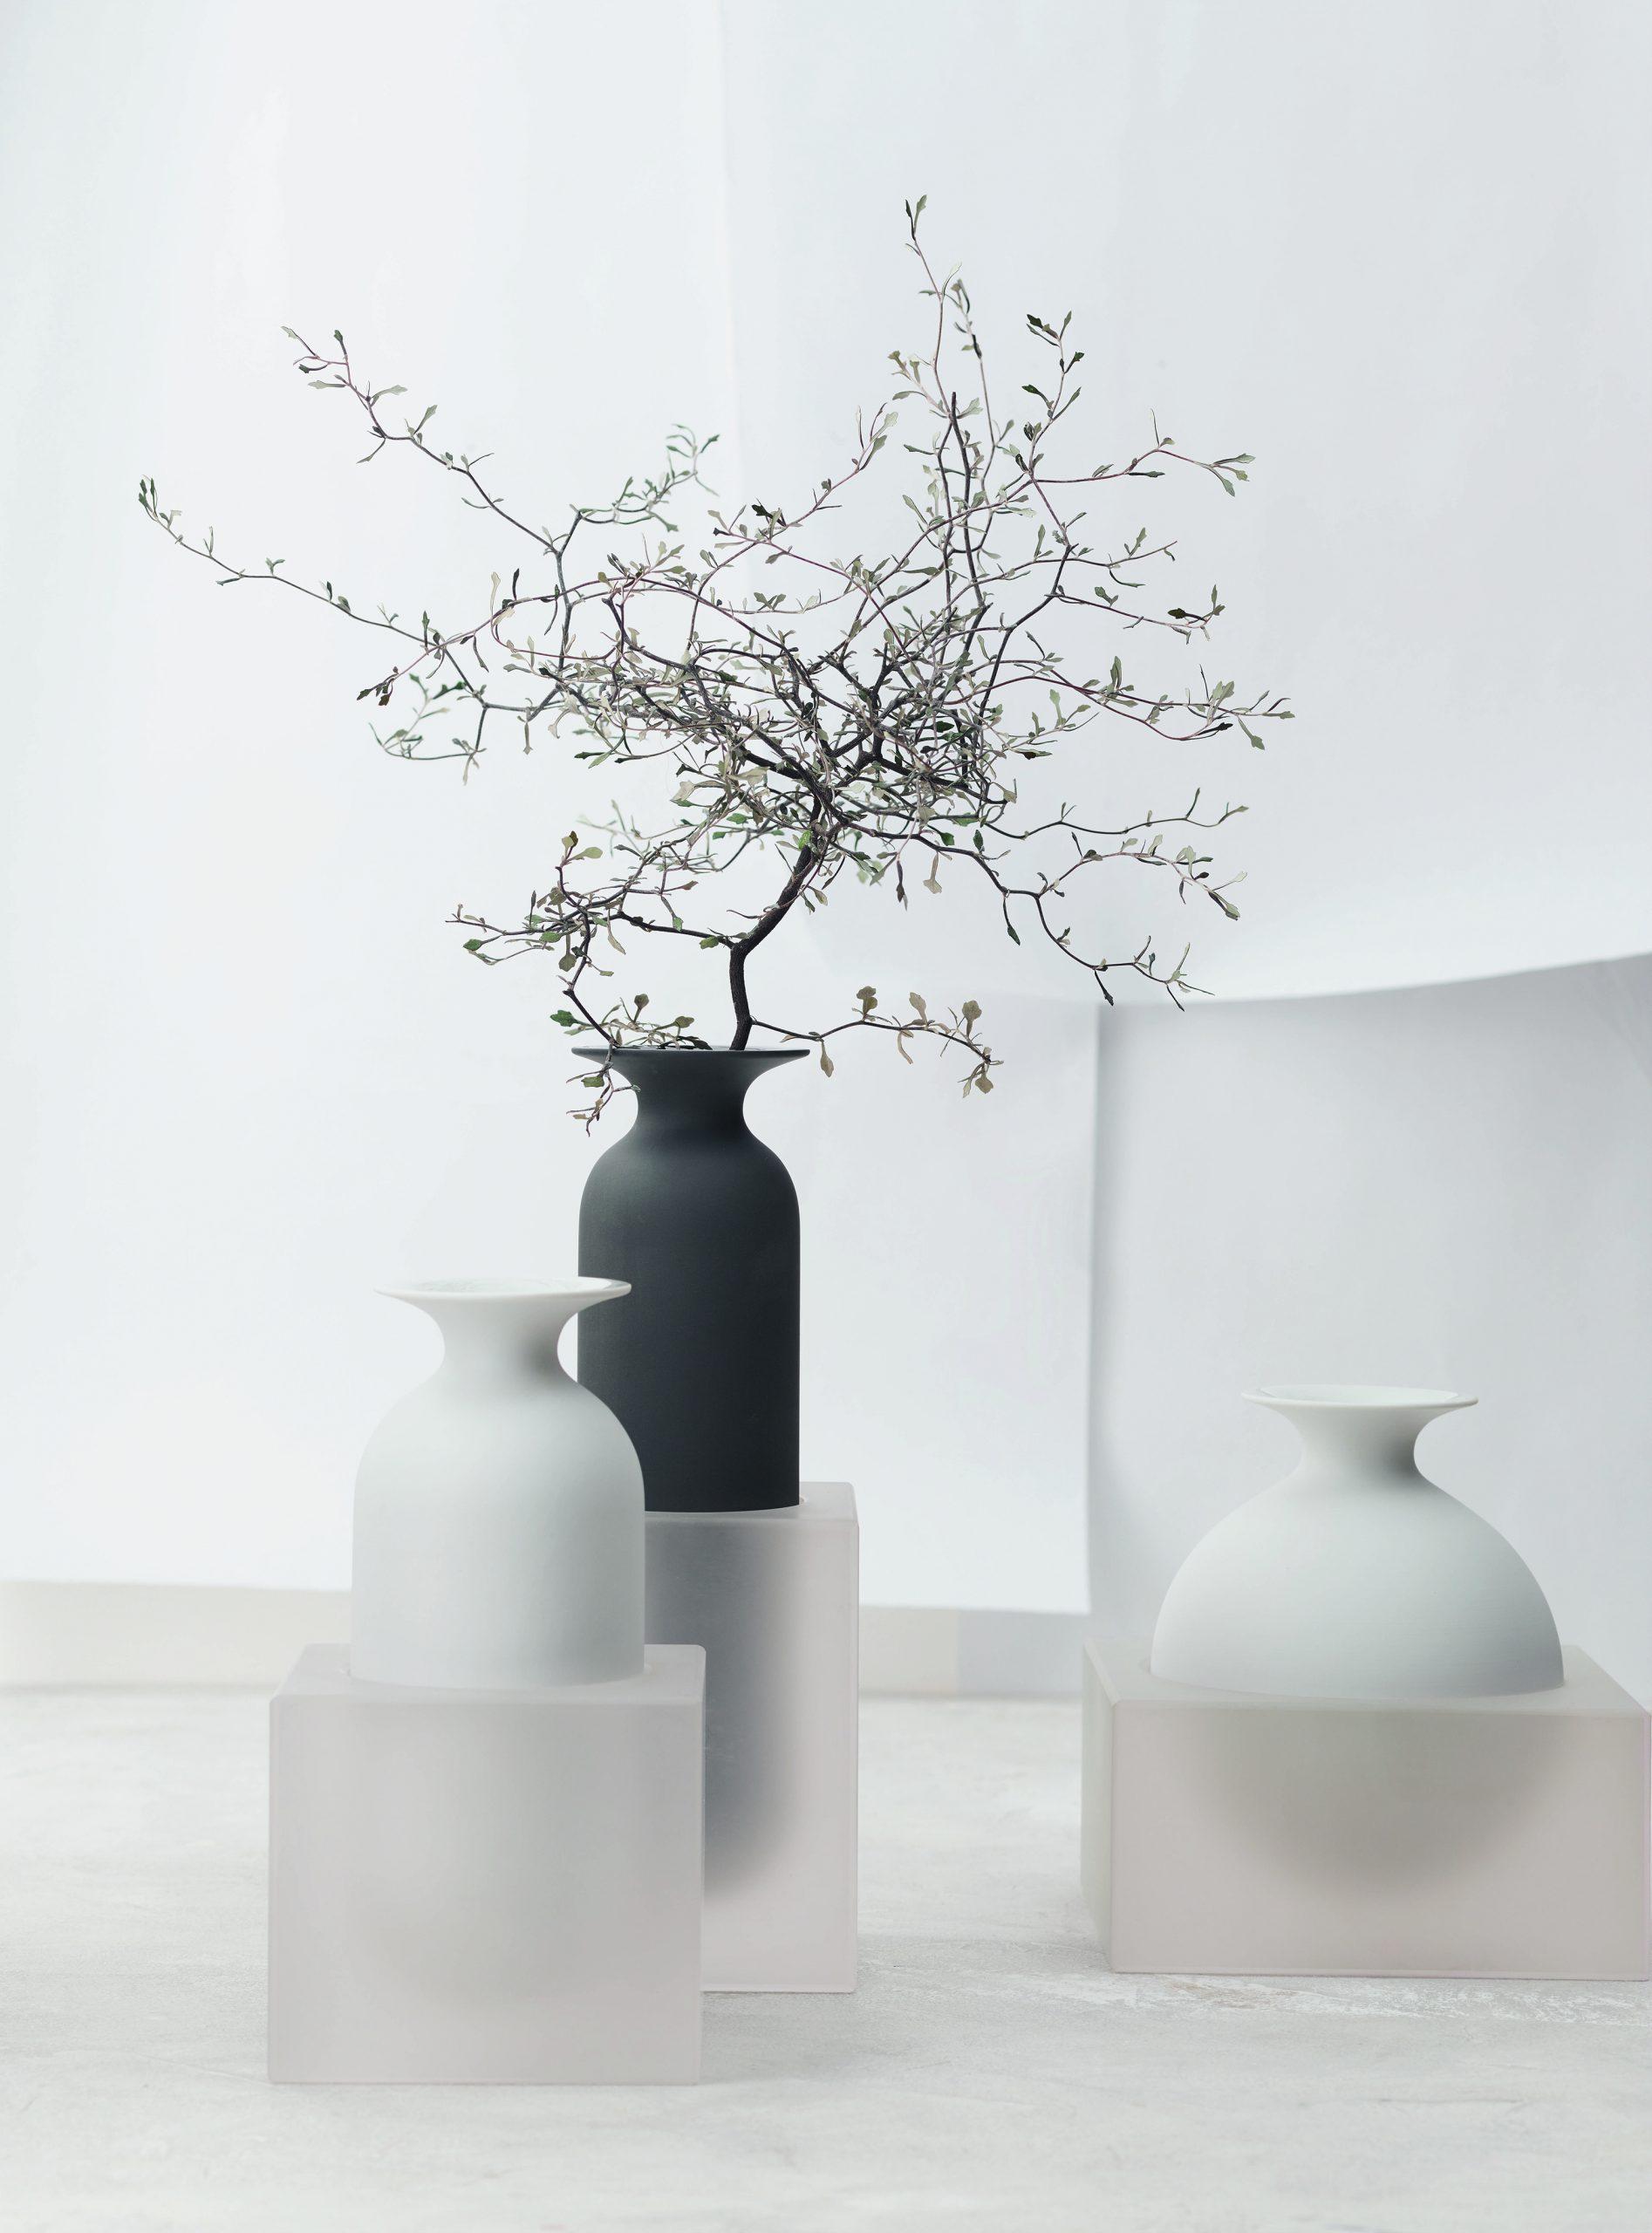 Freddo vases for Rosenthal, designed by Debiasi Sandri